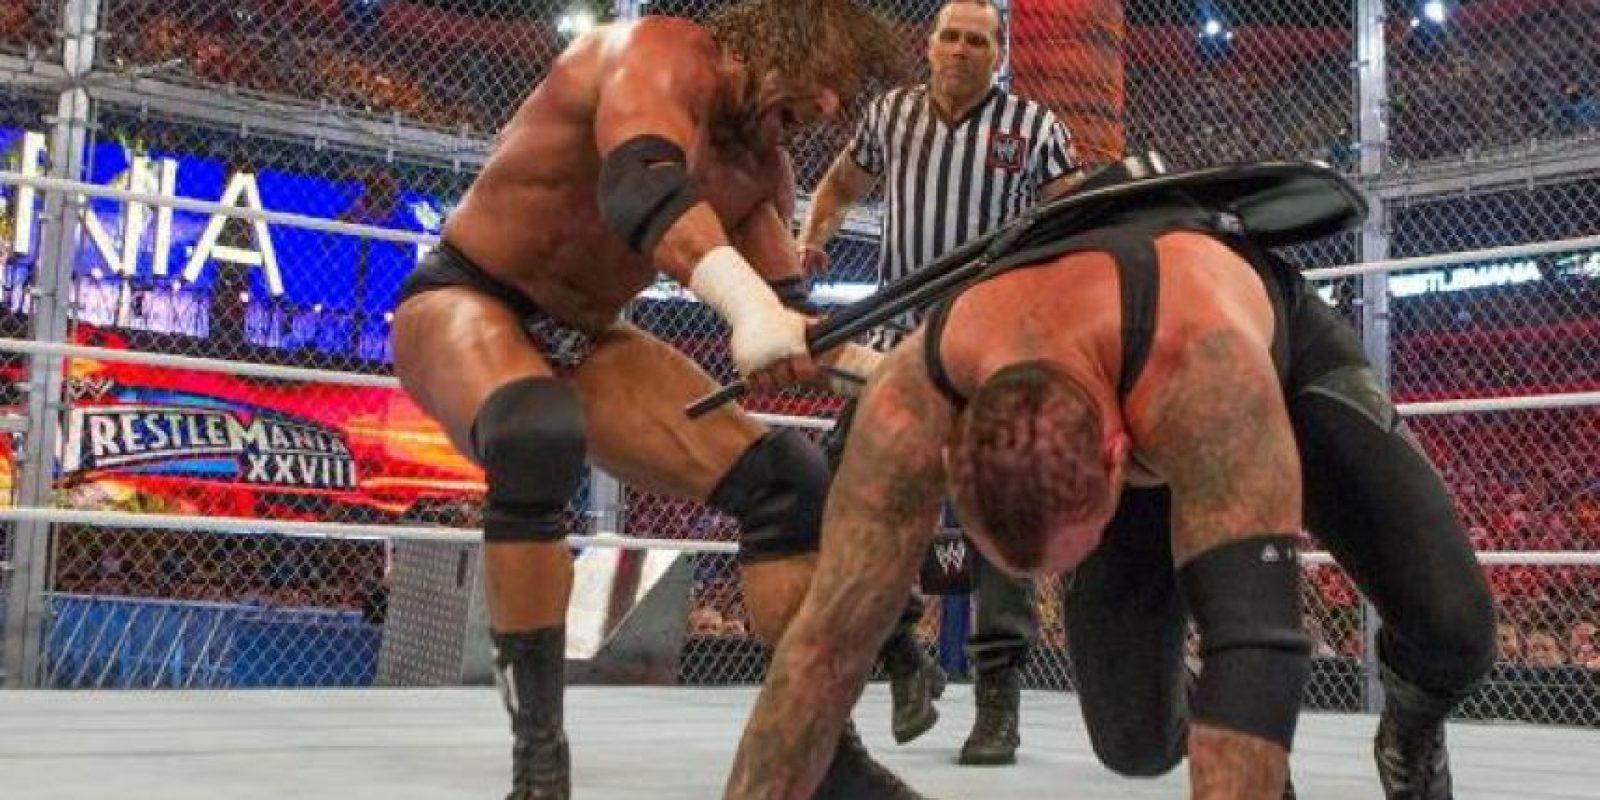 Triple H vs. Undertaker Foto:WWE